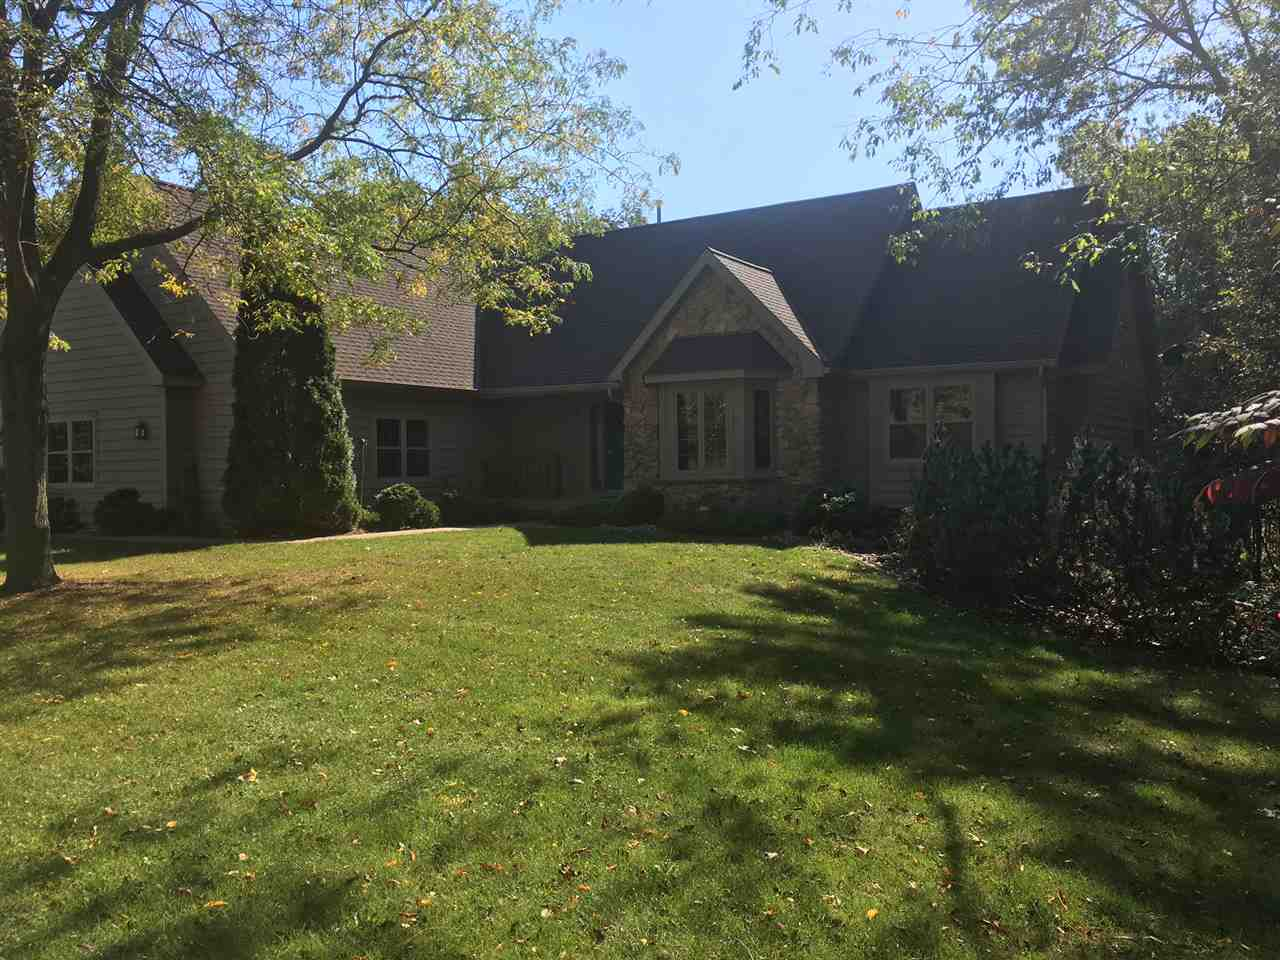 1677 RINDEN RD, Pleasant Springs, WI 53531